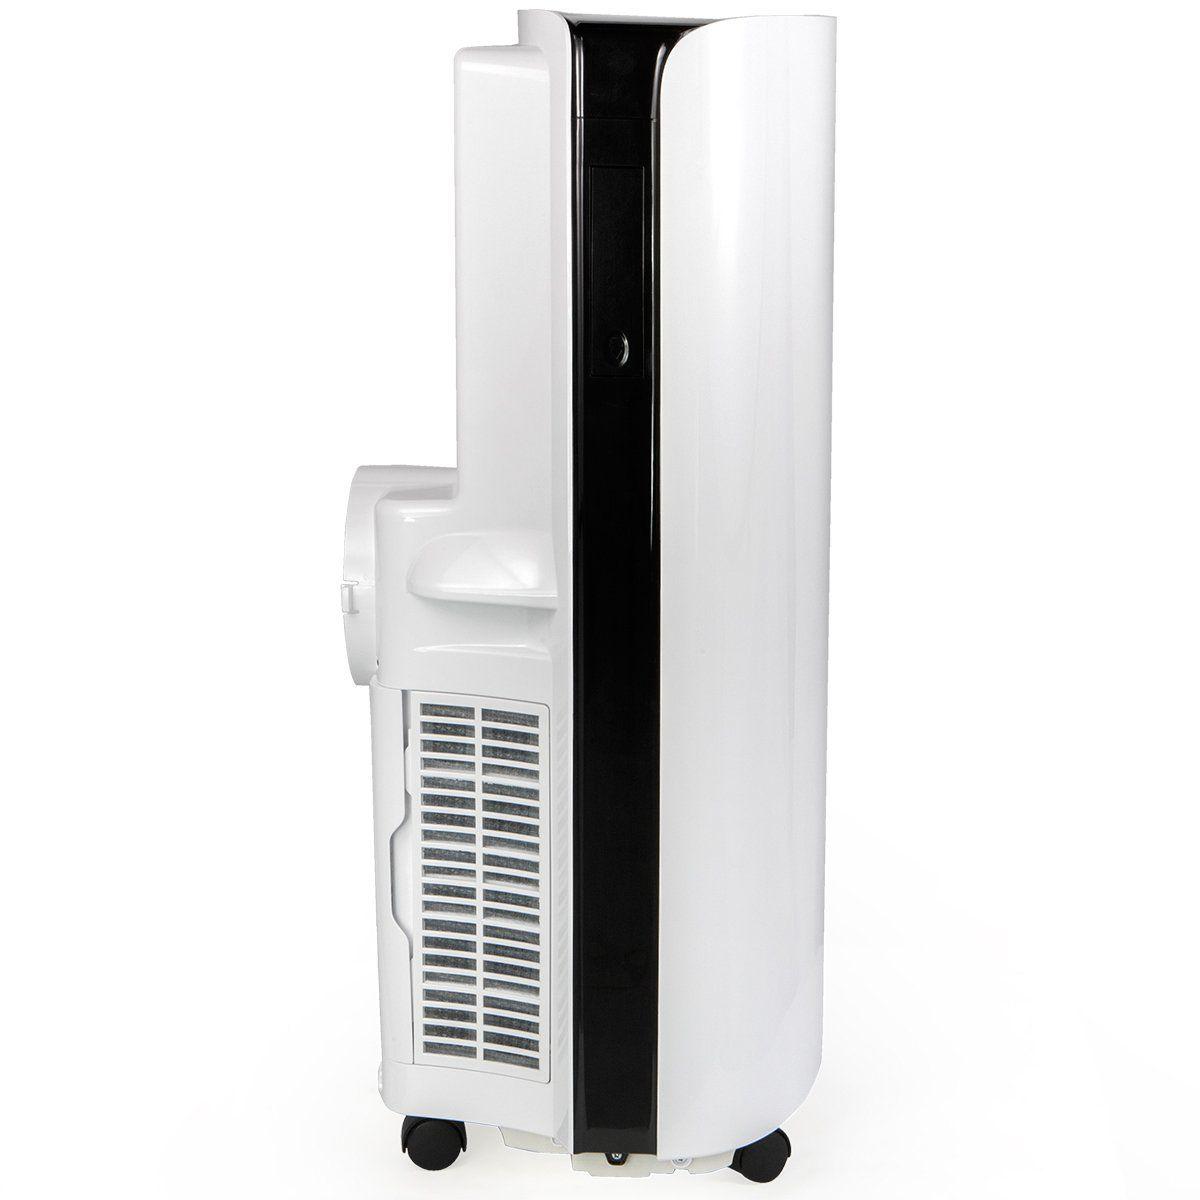 Ensue 14000 Btu 4 In 1 Portable Air Conditioner Dehumidifier Fan W Vent Kit C Portable Air Conditioner Window Air Conditioner Repair Mobile Air Conditioner